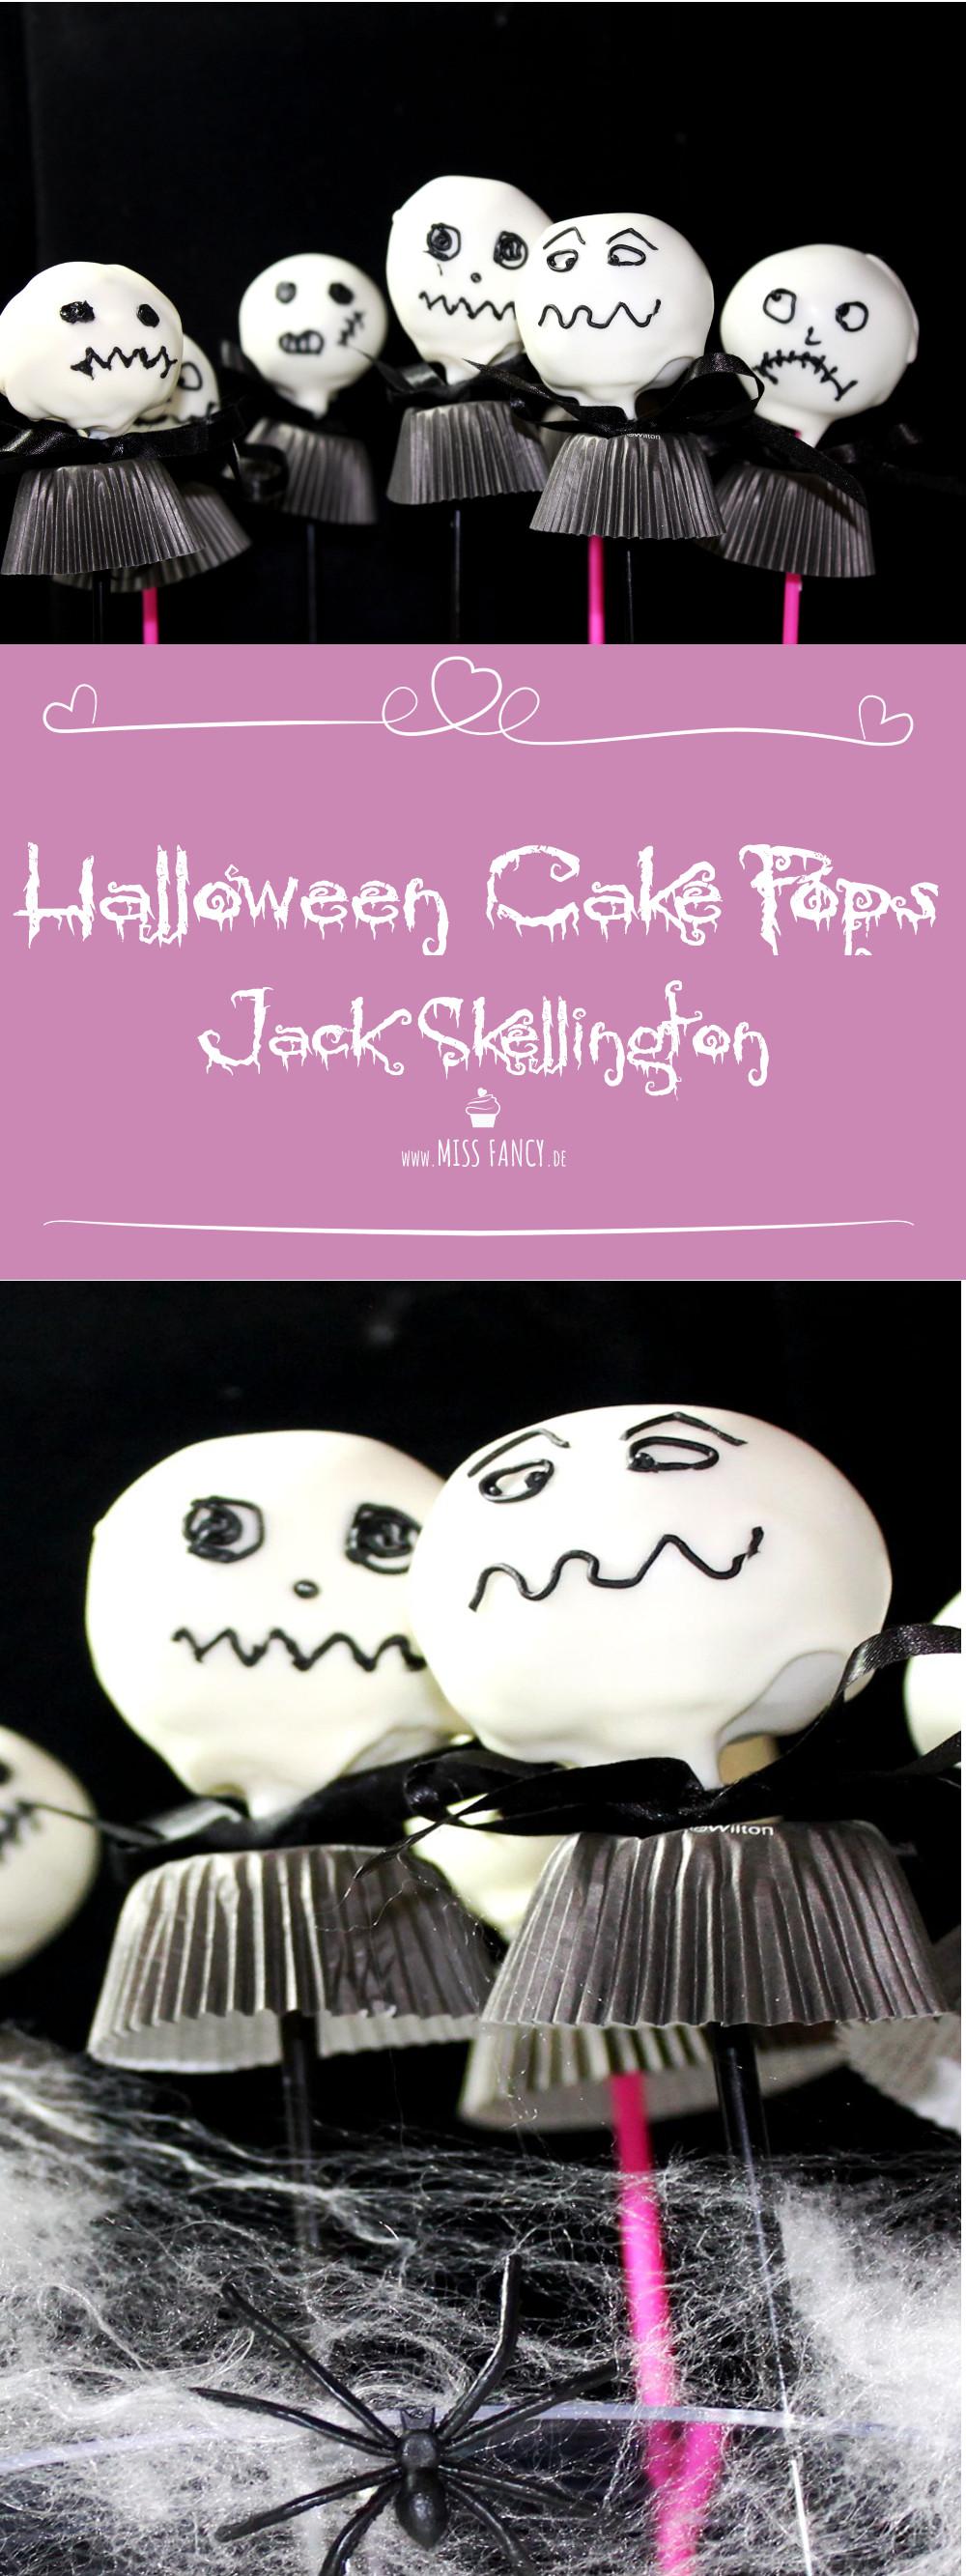 Rezept Halloween Cake Pops Jack-Skellington Missfancy Foodblog